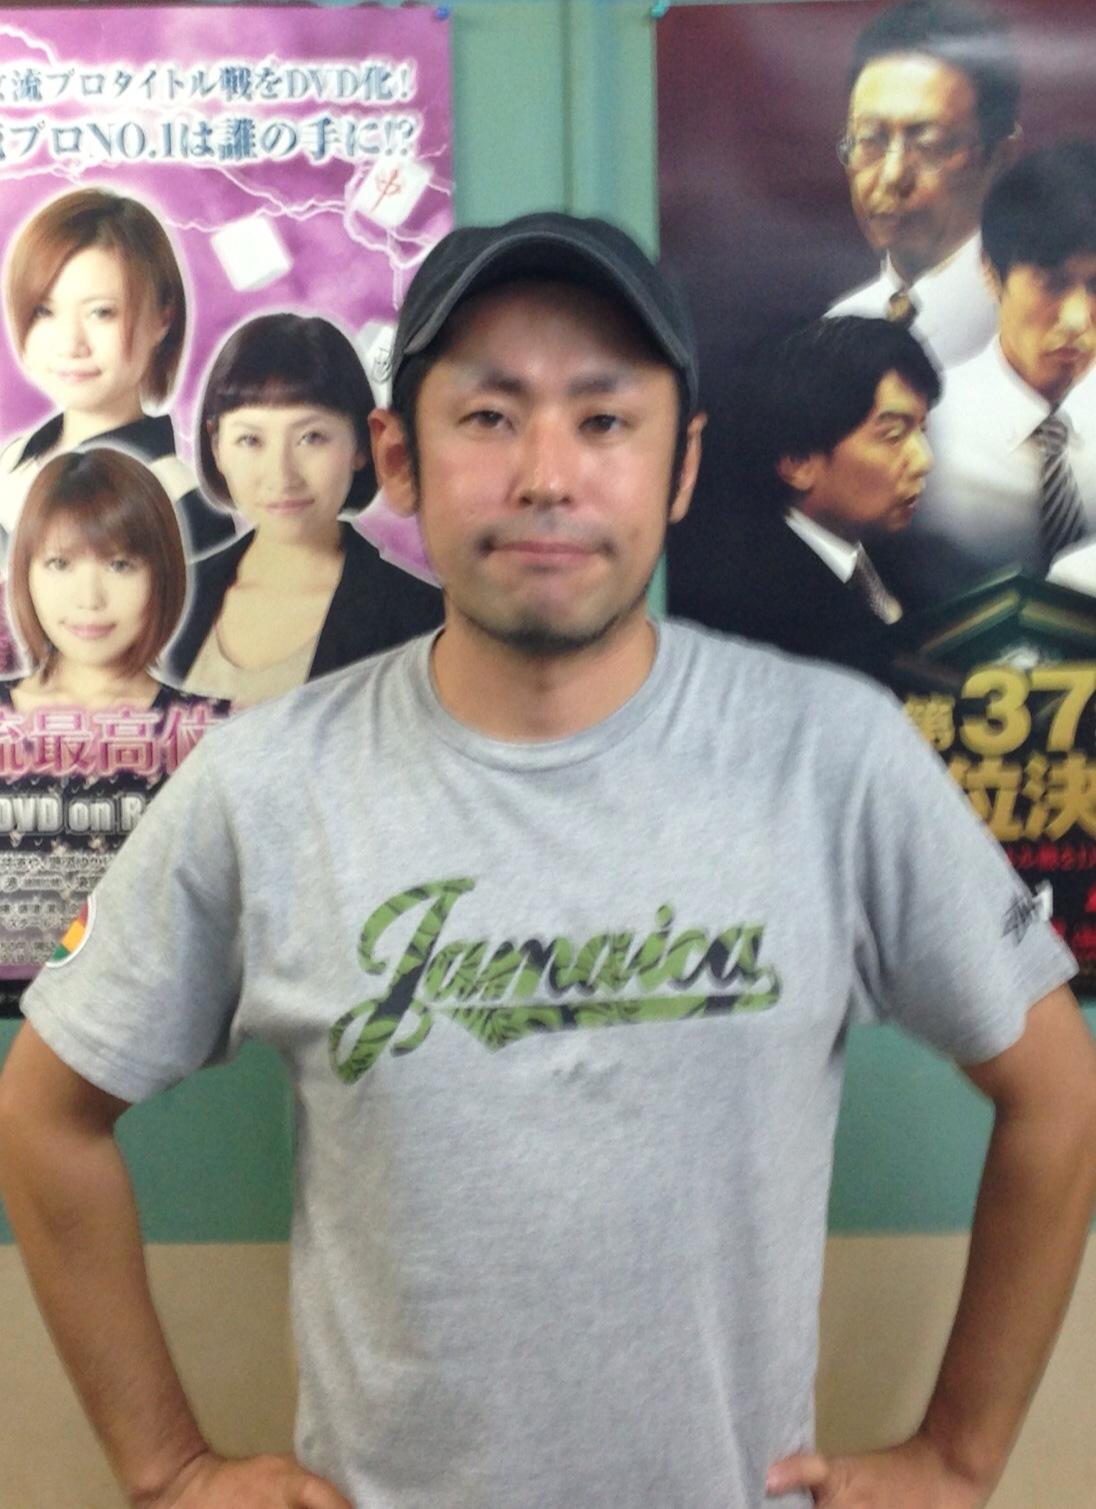 koe_kagurazakamahjong